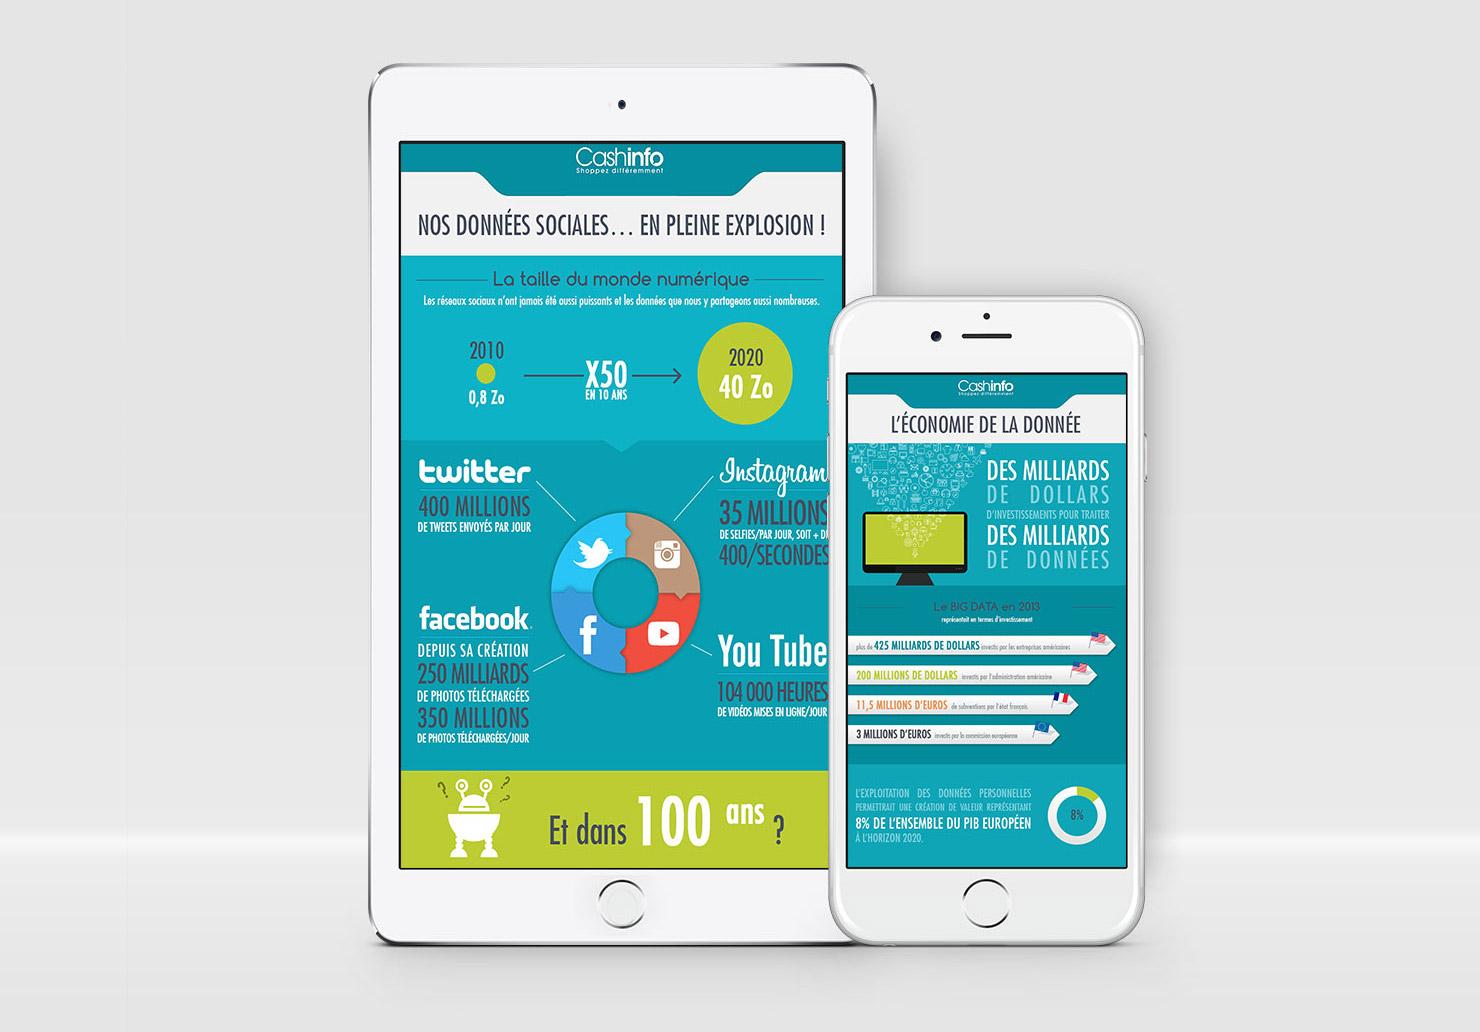 Infographies informatives CashInfo - Création d'infographies informatives par Emilie Le Béhérec Prima, graphiste freelance web et print